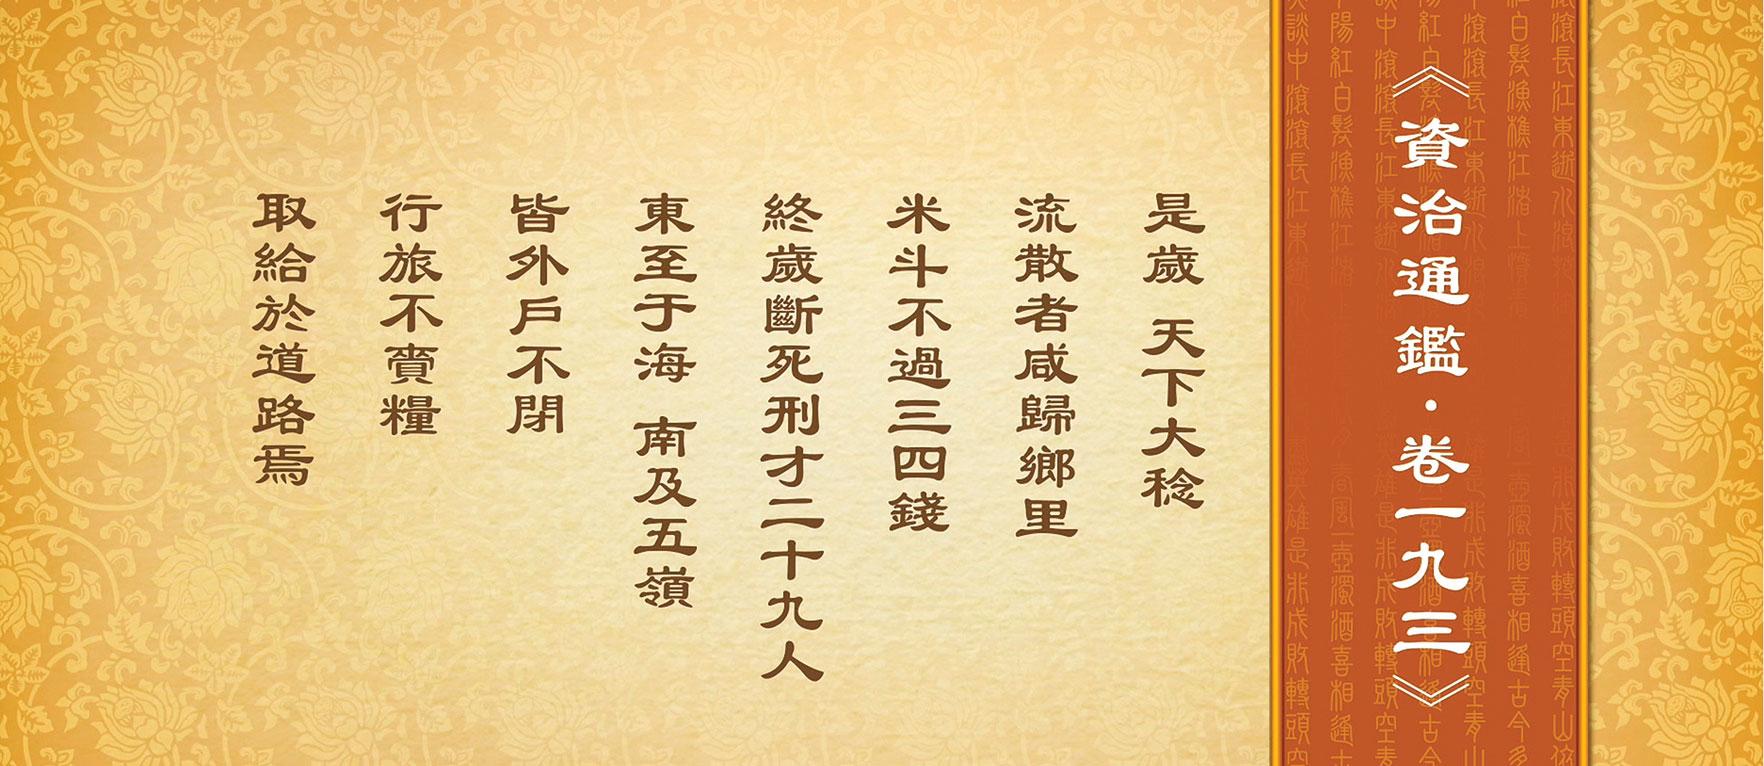 《資治通鑑》中記載了貞觀四年,中國國力得到恢復,在經過三年饑荒之後,呈現出另一番景象。